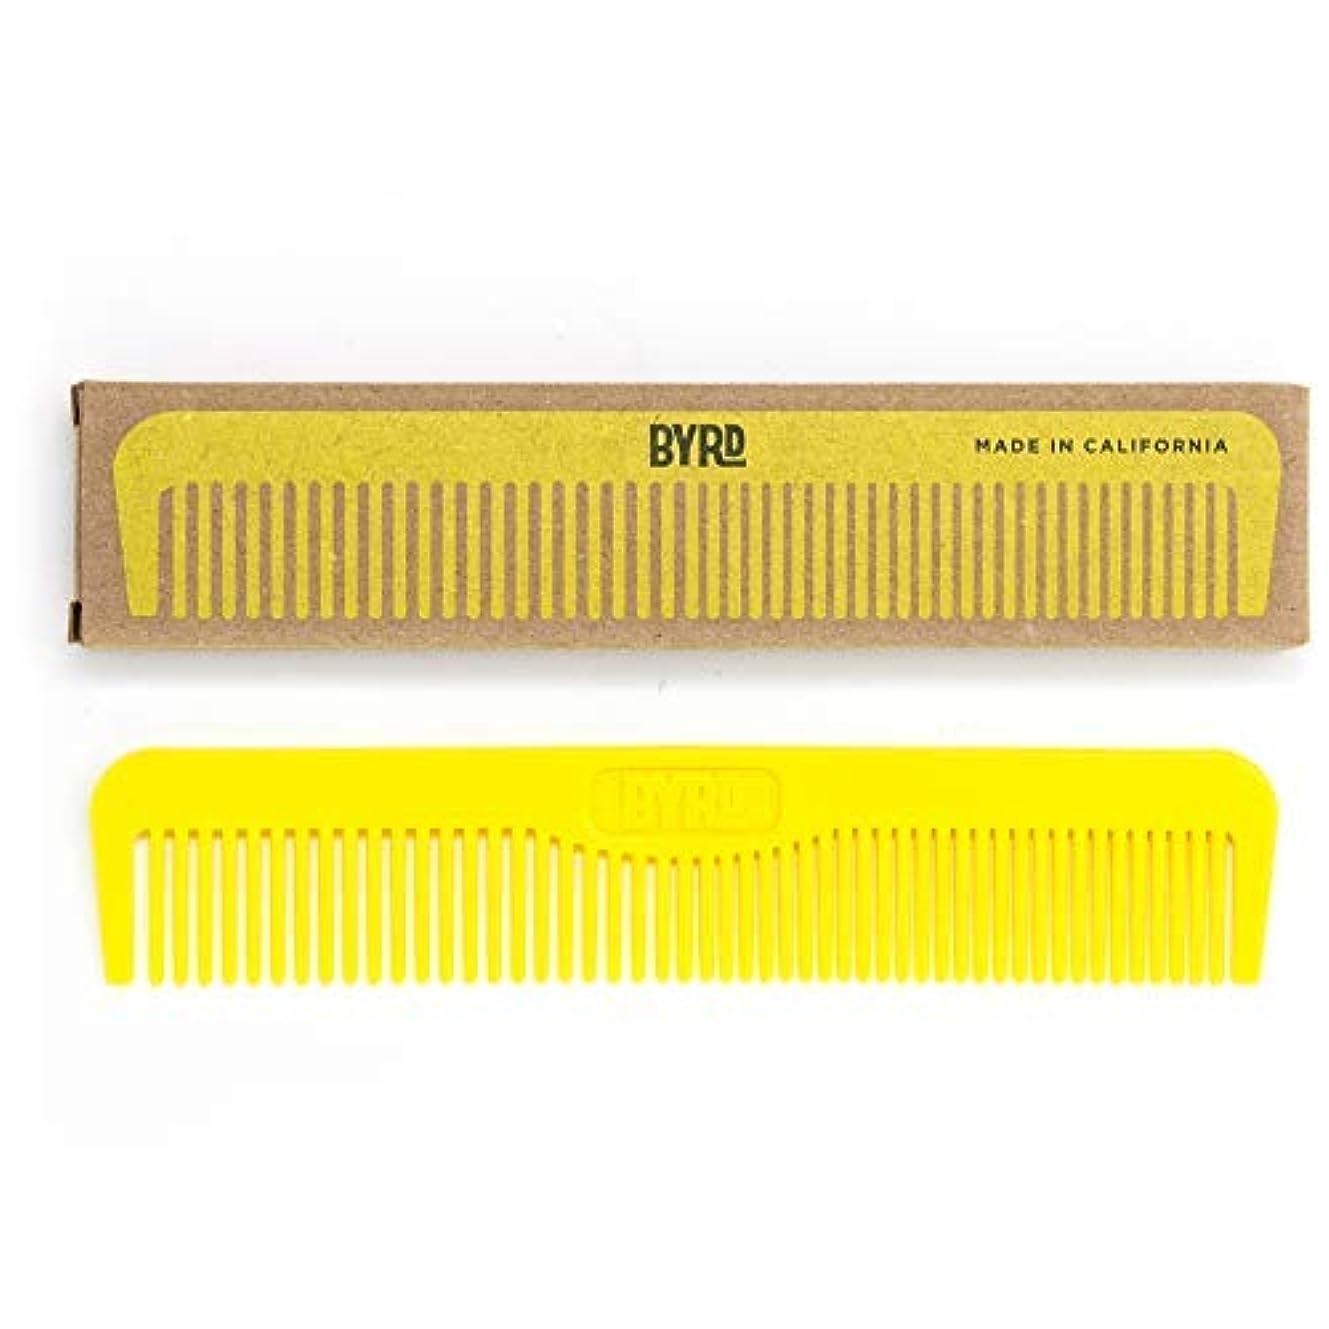 ストローもう一度カタログBYRD Pocket Comb - Durable, Flexible, Tangle Free, Styling Comb, For All Hair Types, Back Pocket Friendly [並行輸入品]